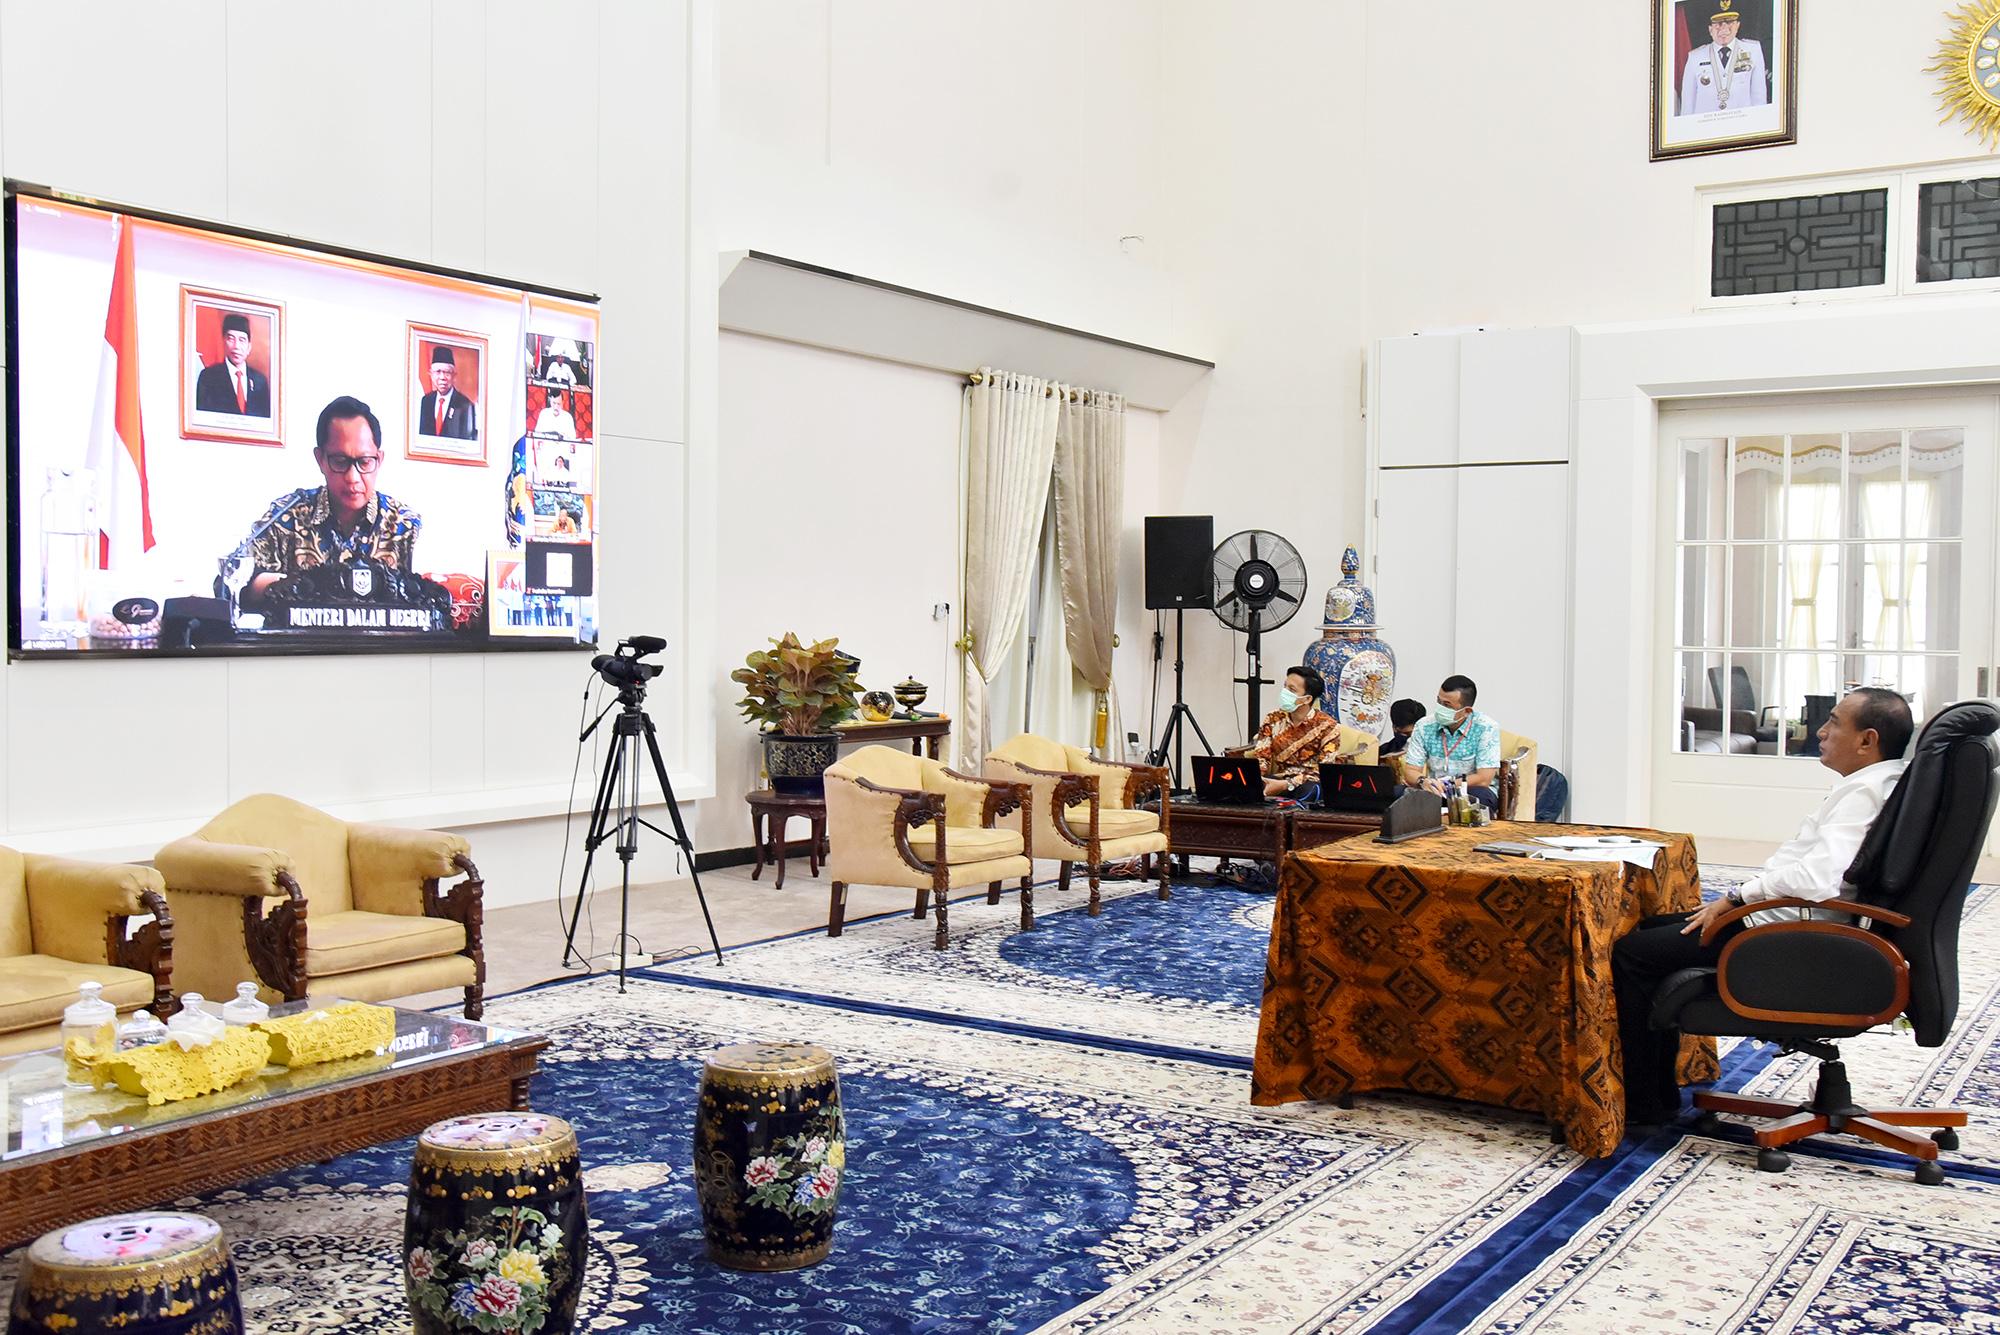 Mendagri Tito Karnavian saat video conference dengan kepala daerah se Indonesia, Kamis (9/4/2020). Di Sumatera Utara, Gubernur Edy Rahmayadi dan Bupati serta Wali Kota mengikuti video conference ini. Foto: Biro Humas dan Keprotokolan Setdaprov Sumut/ Veri Ardian)